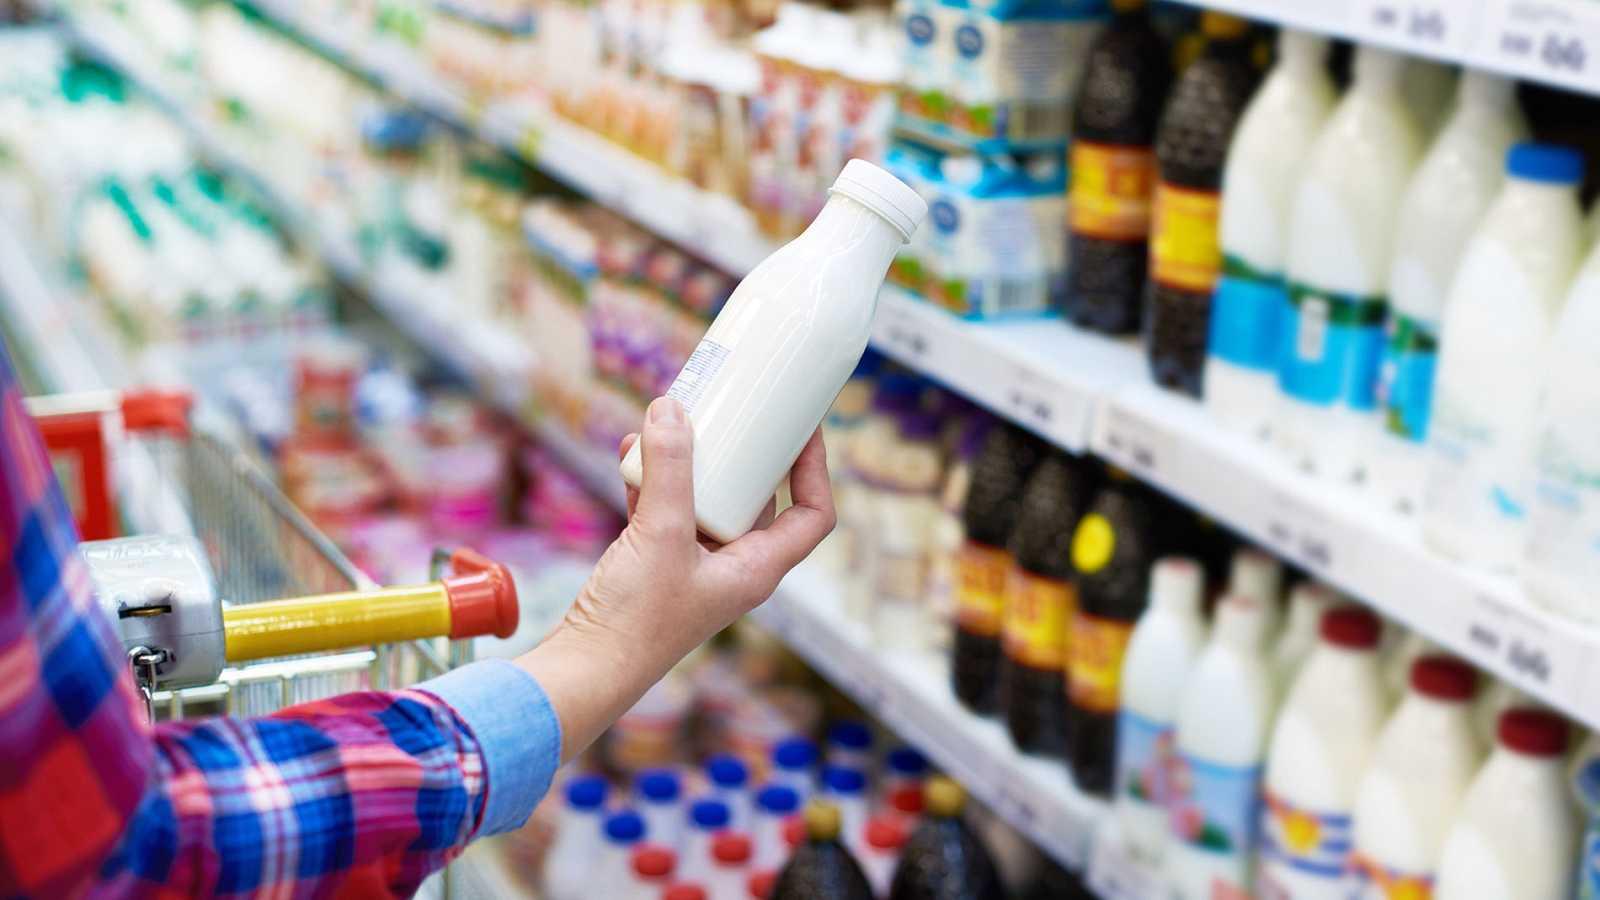 """Los yogures pueden ser una fuente """"elevada"""" y """"no reconocida"""" de azúcar, según ha revelado un estudio publicado en la revista científica británica BMJ. La investigación, conducida por expertos de las universidades de Leeds y Surrey, alerta de los ele"""